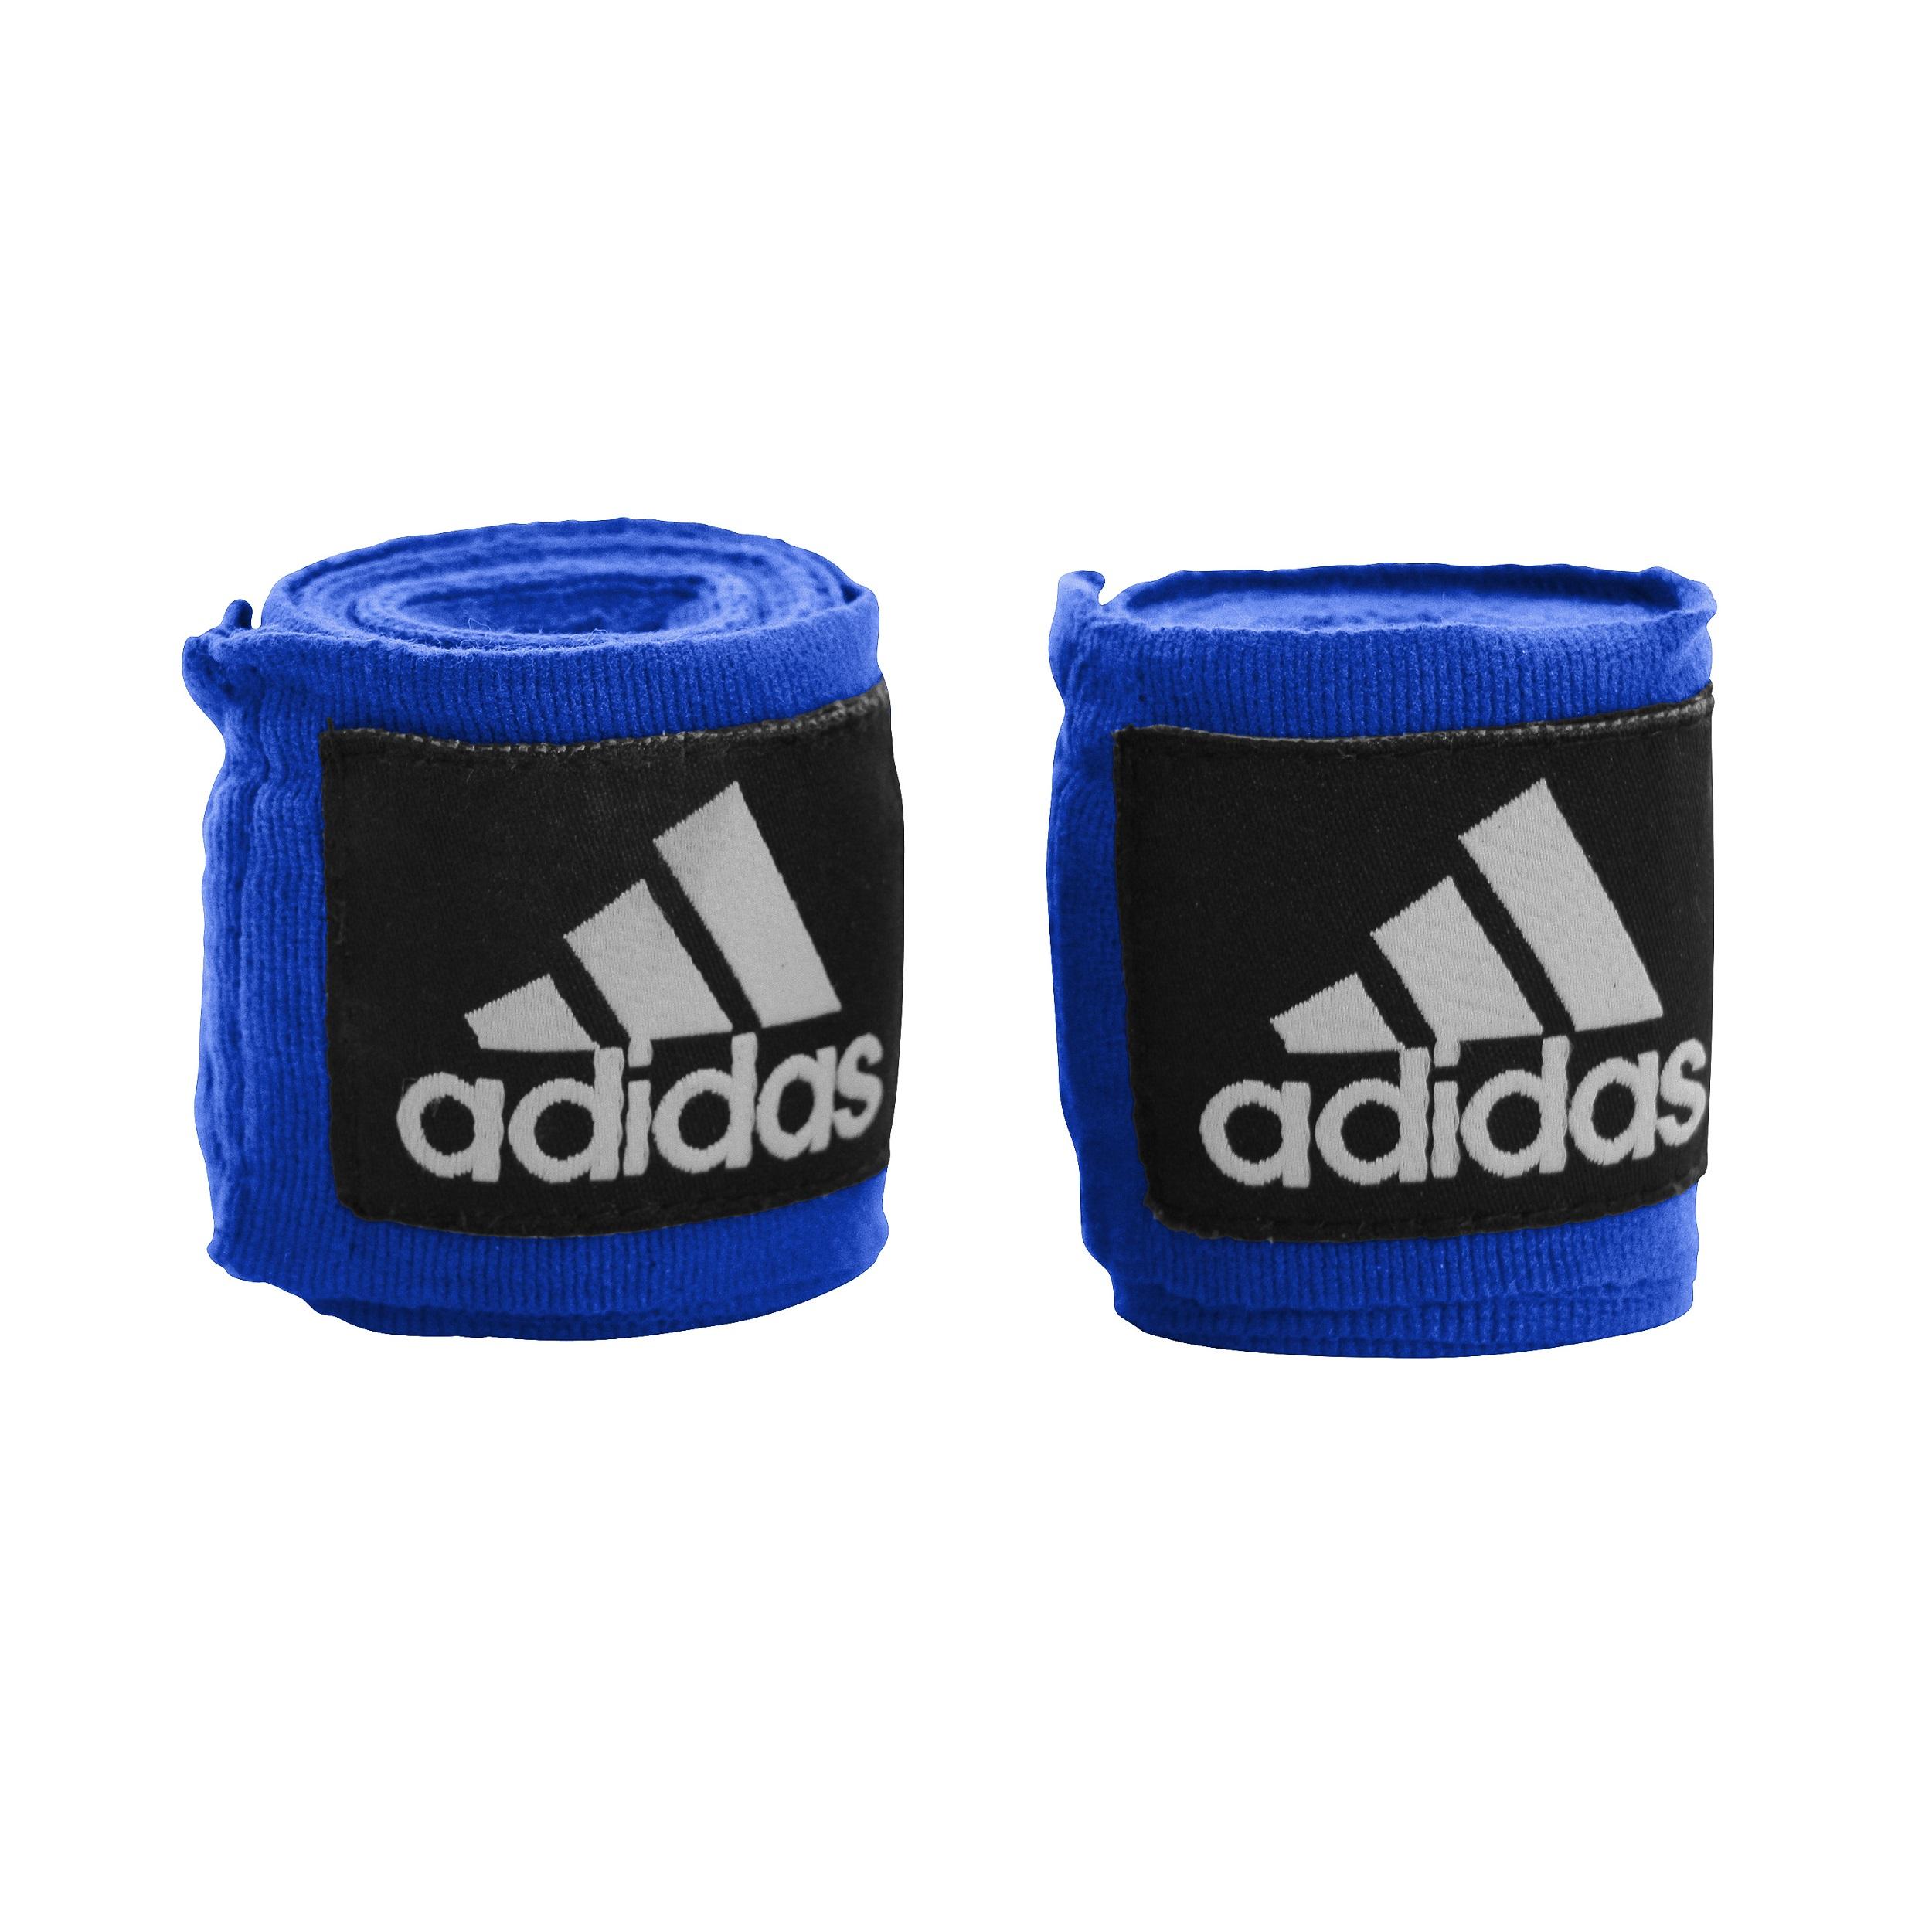 Adidas Bandages - Blauw - 455 cm